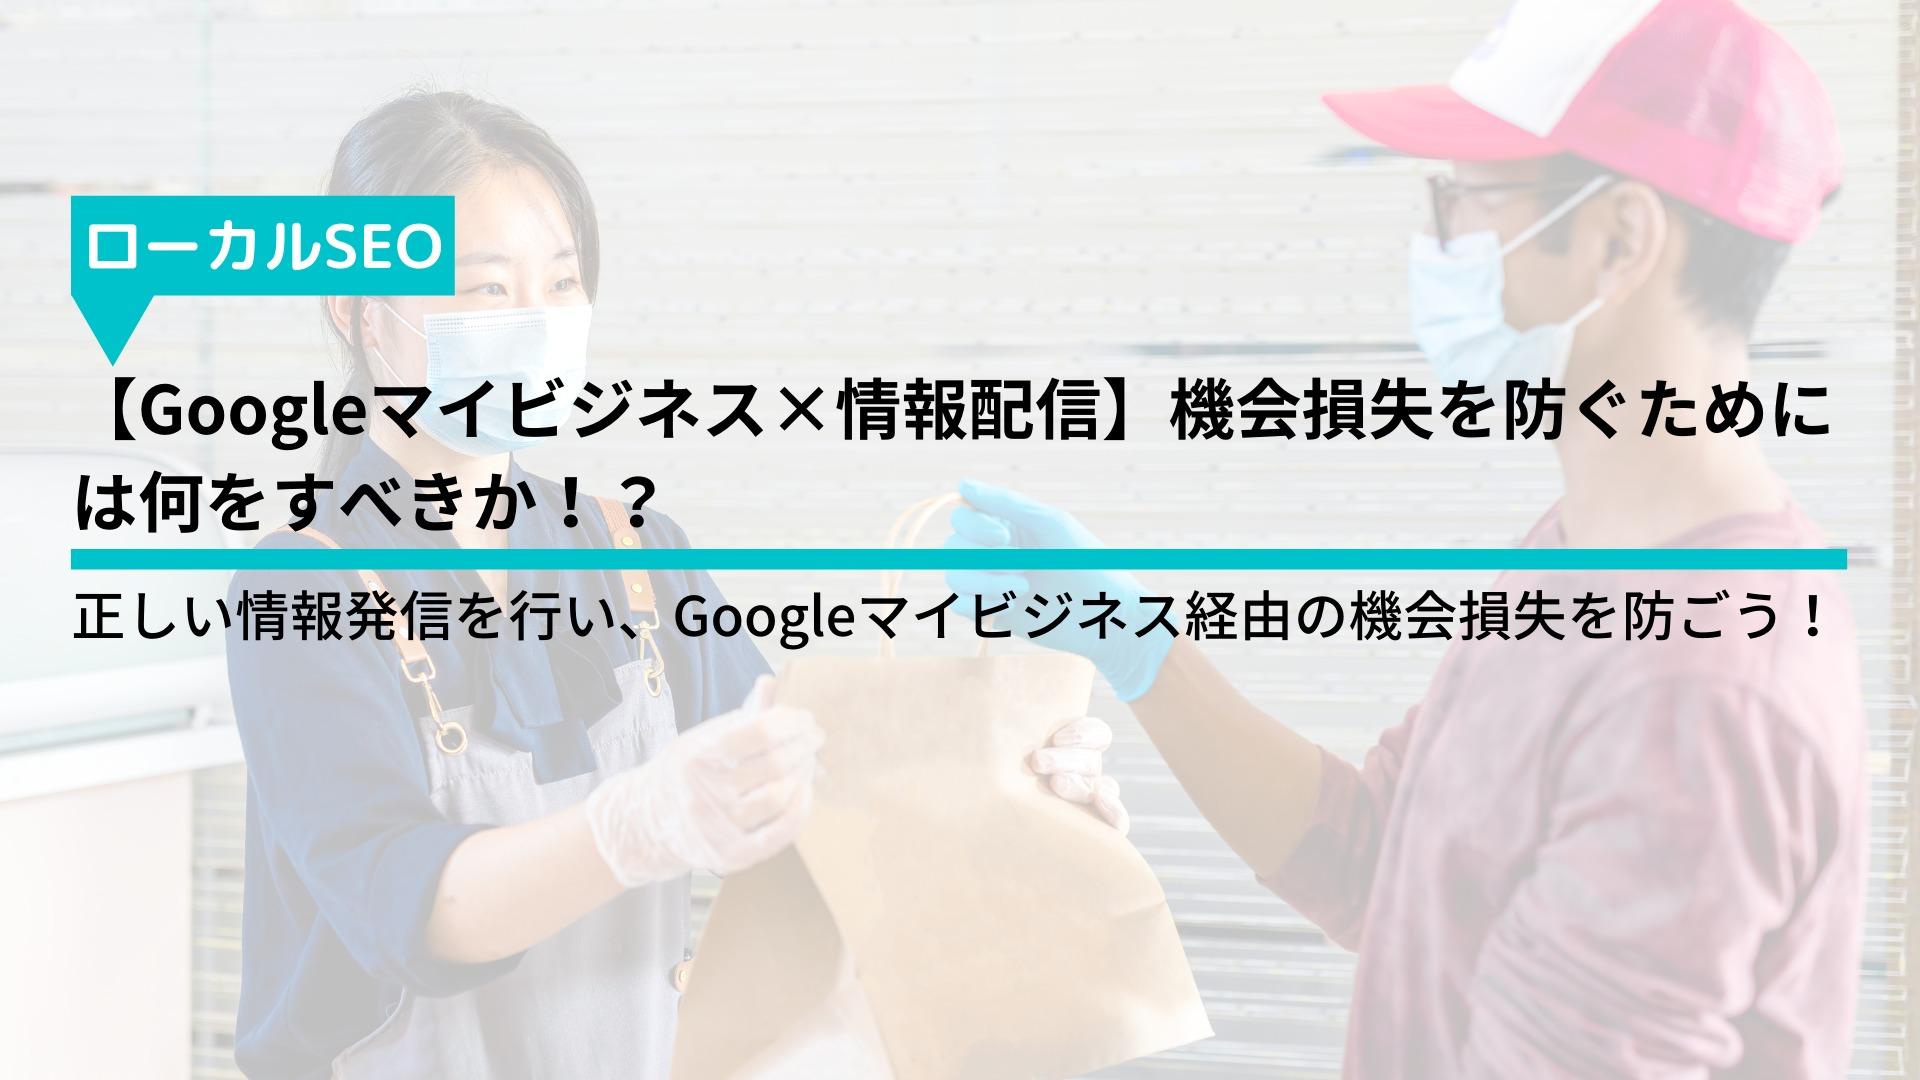 【Googleマイビジネス×情報配信】機会損失を防ぐためには何をすべきか!?